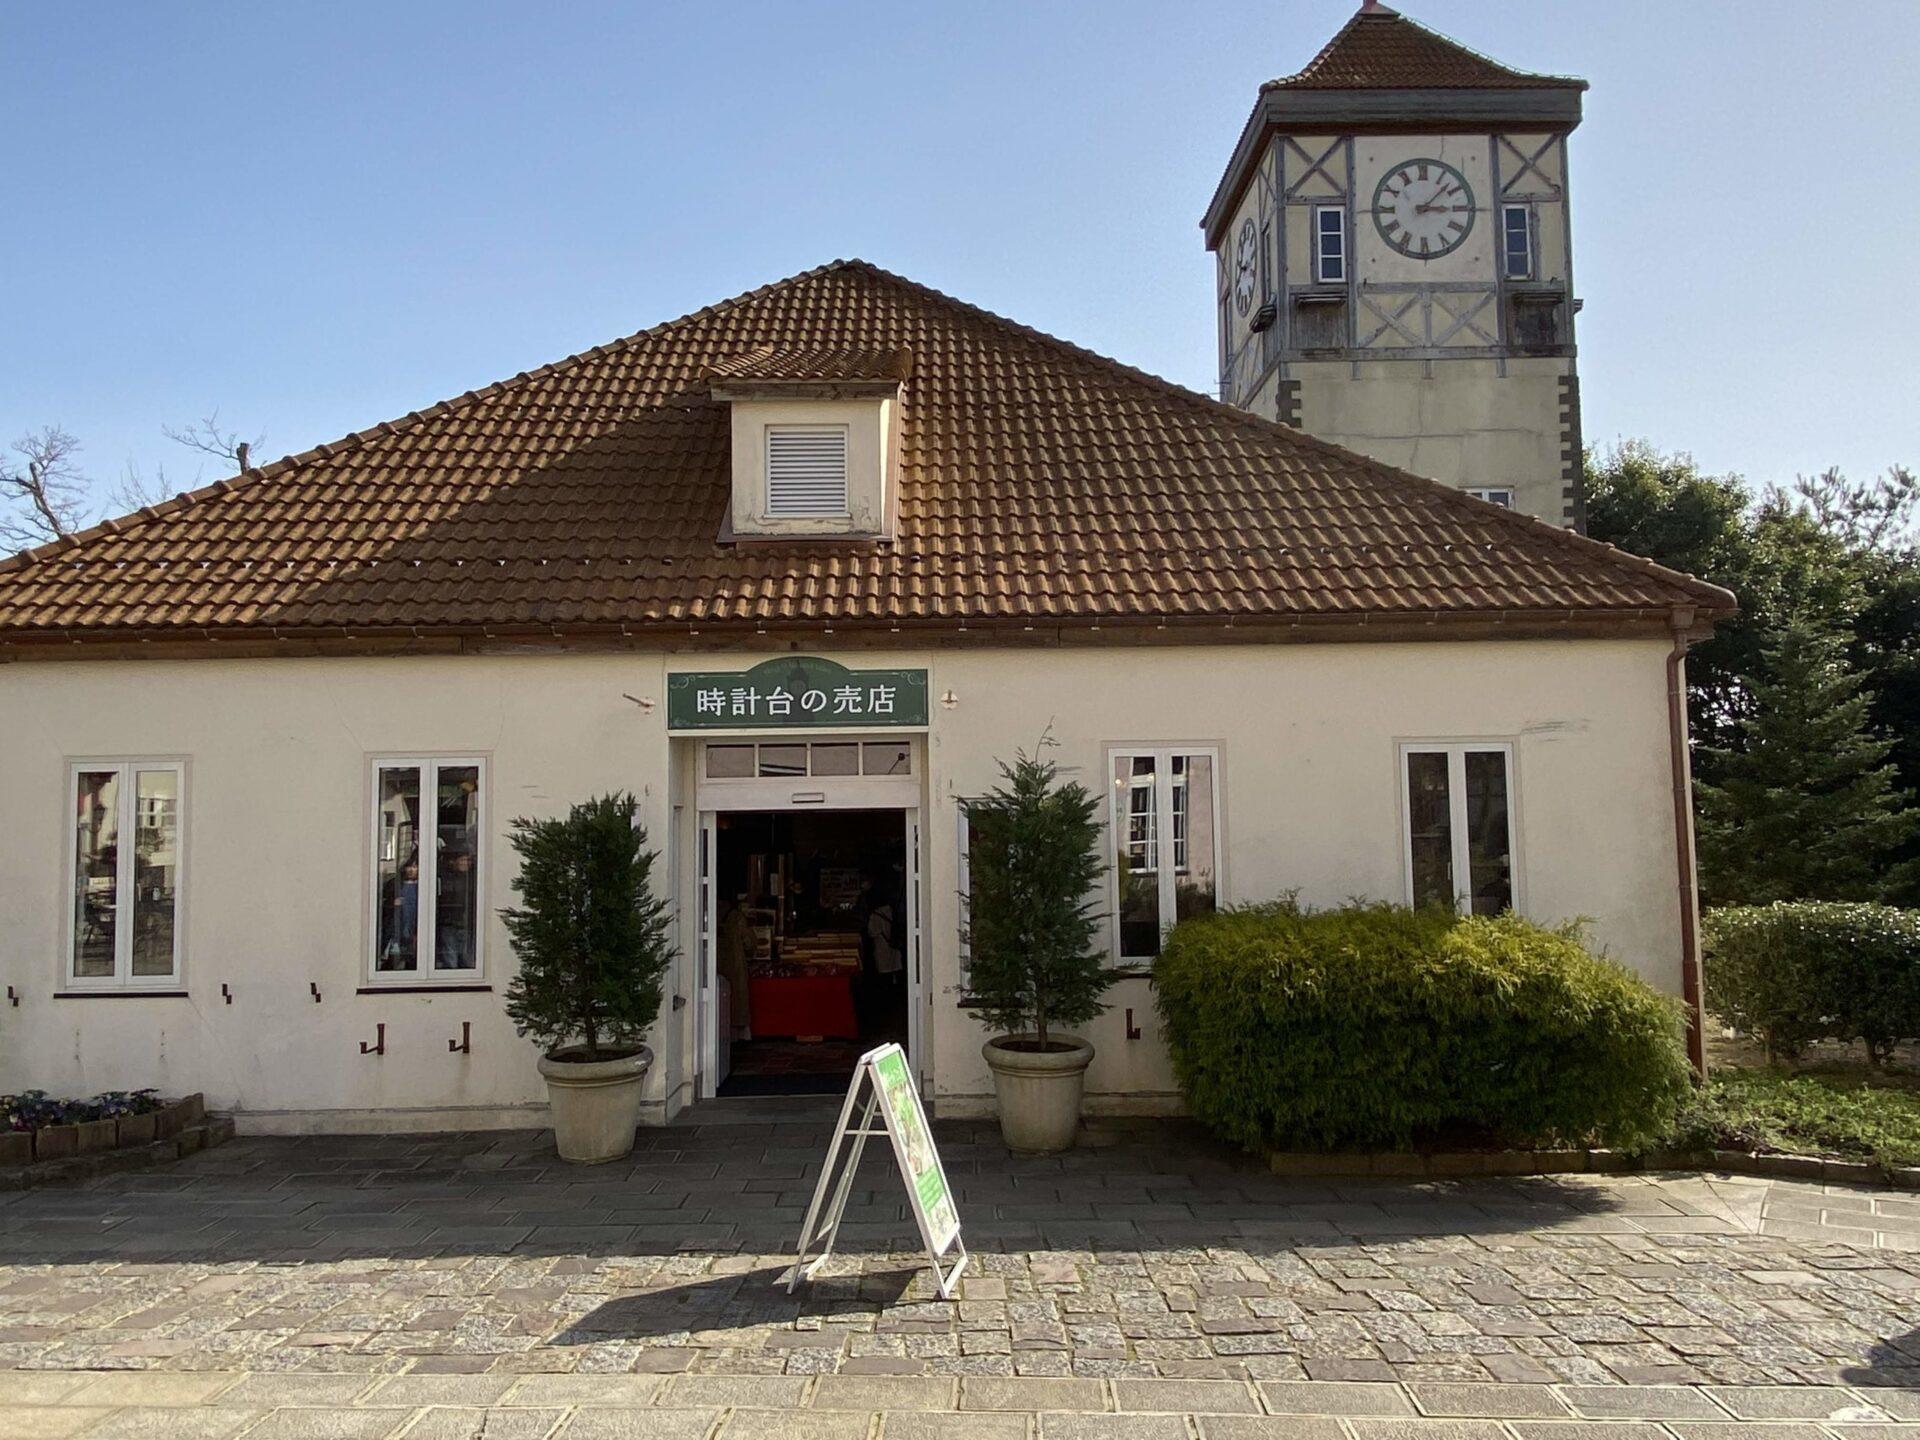 ブルーメの丘 時計台の売店